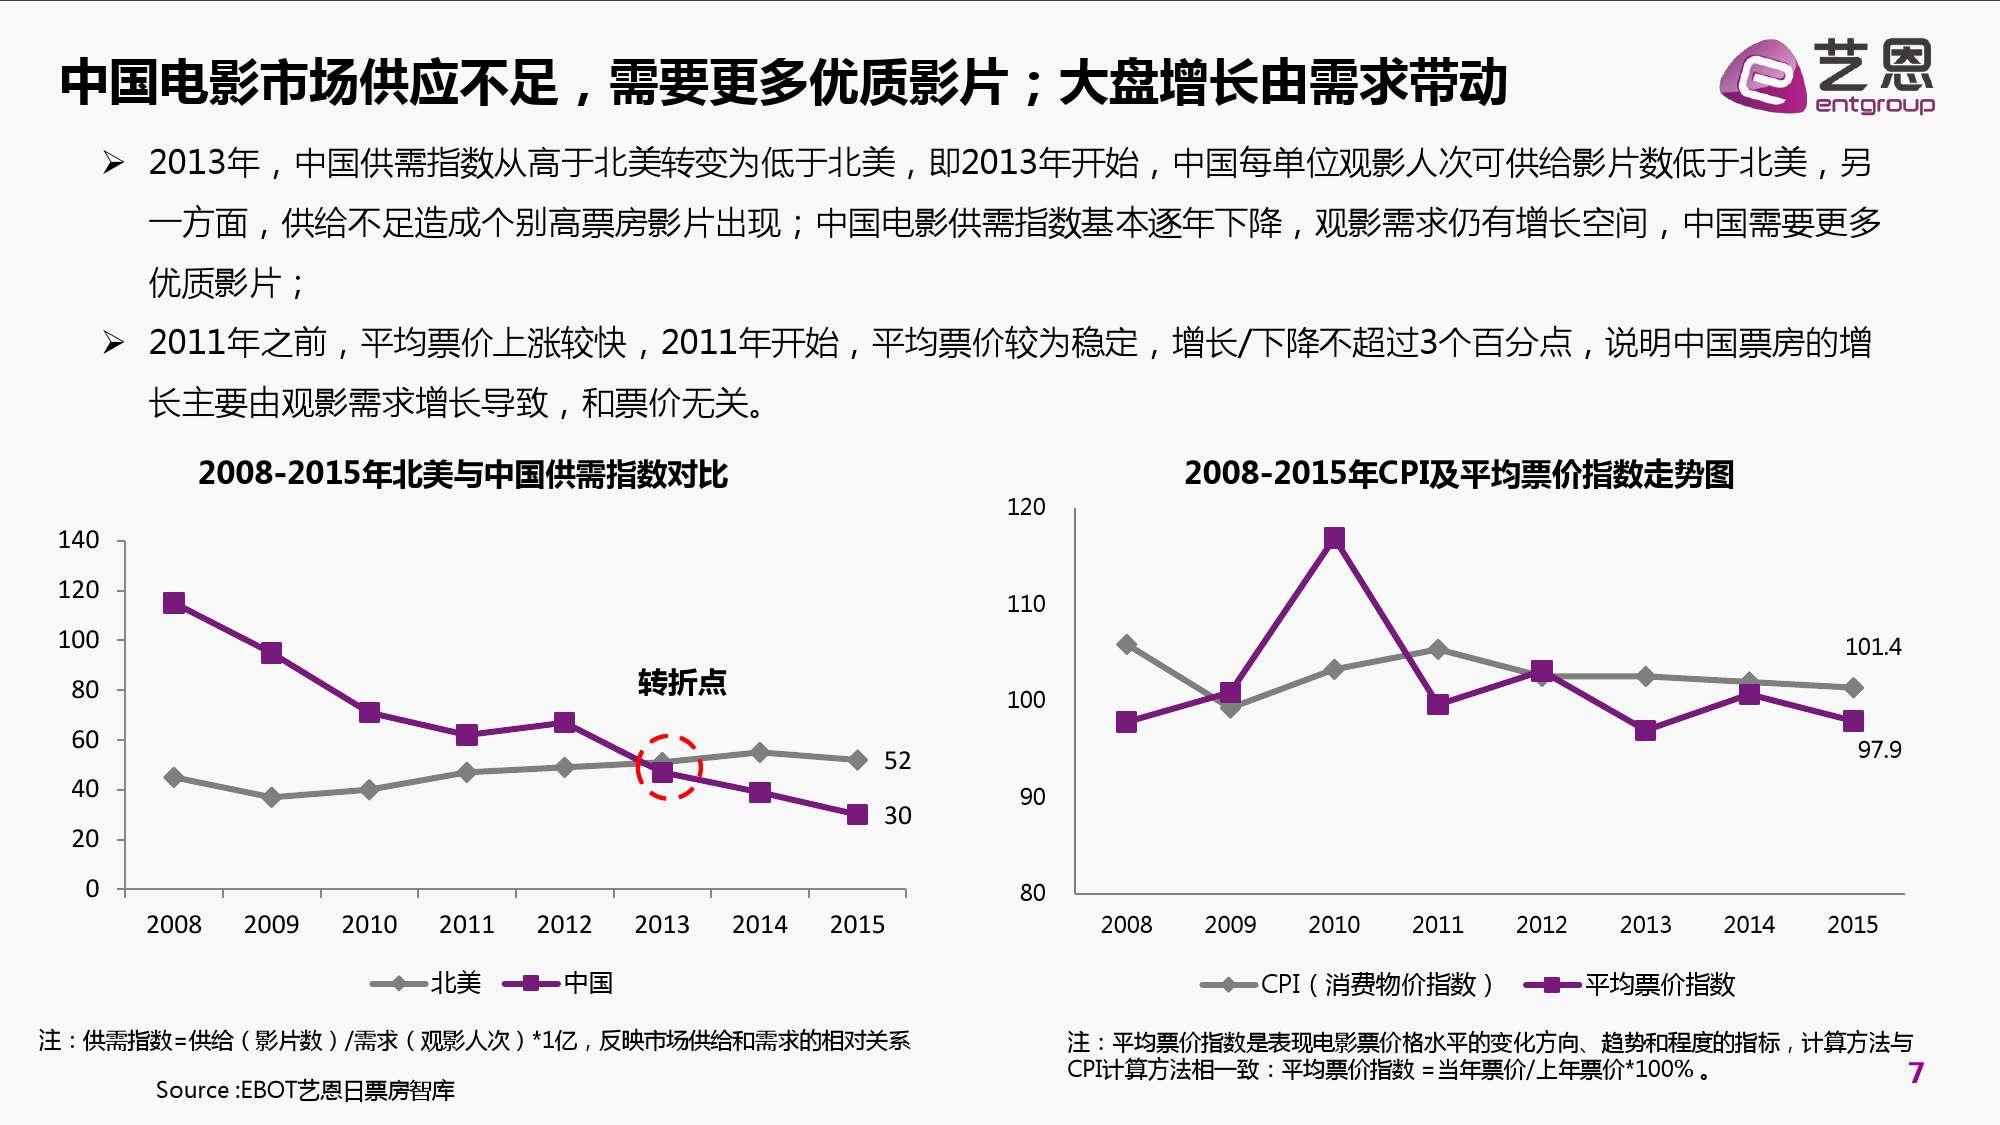 2016年中国电影在线票务市场研究报告_000007